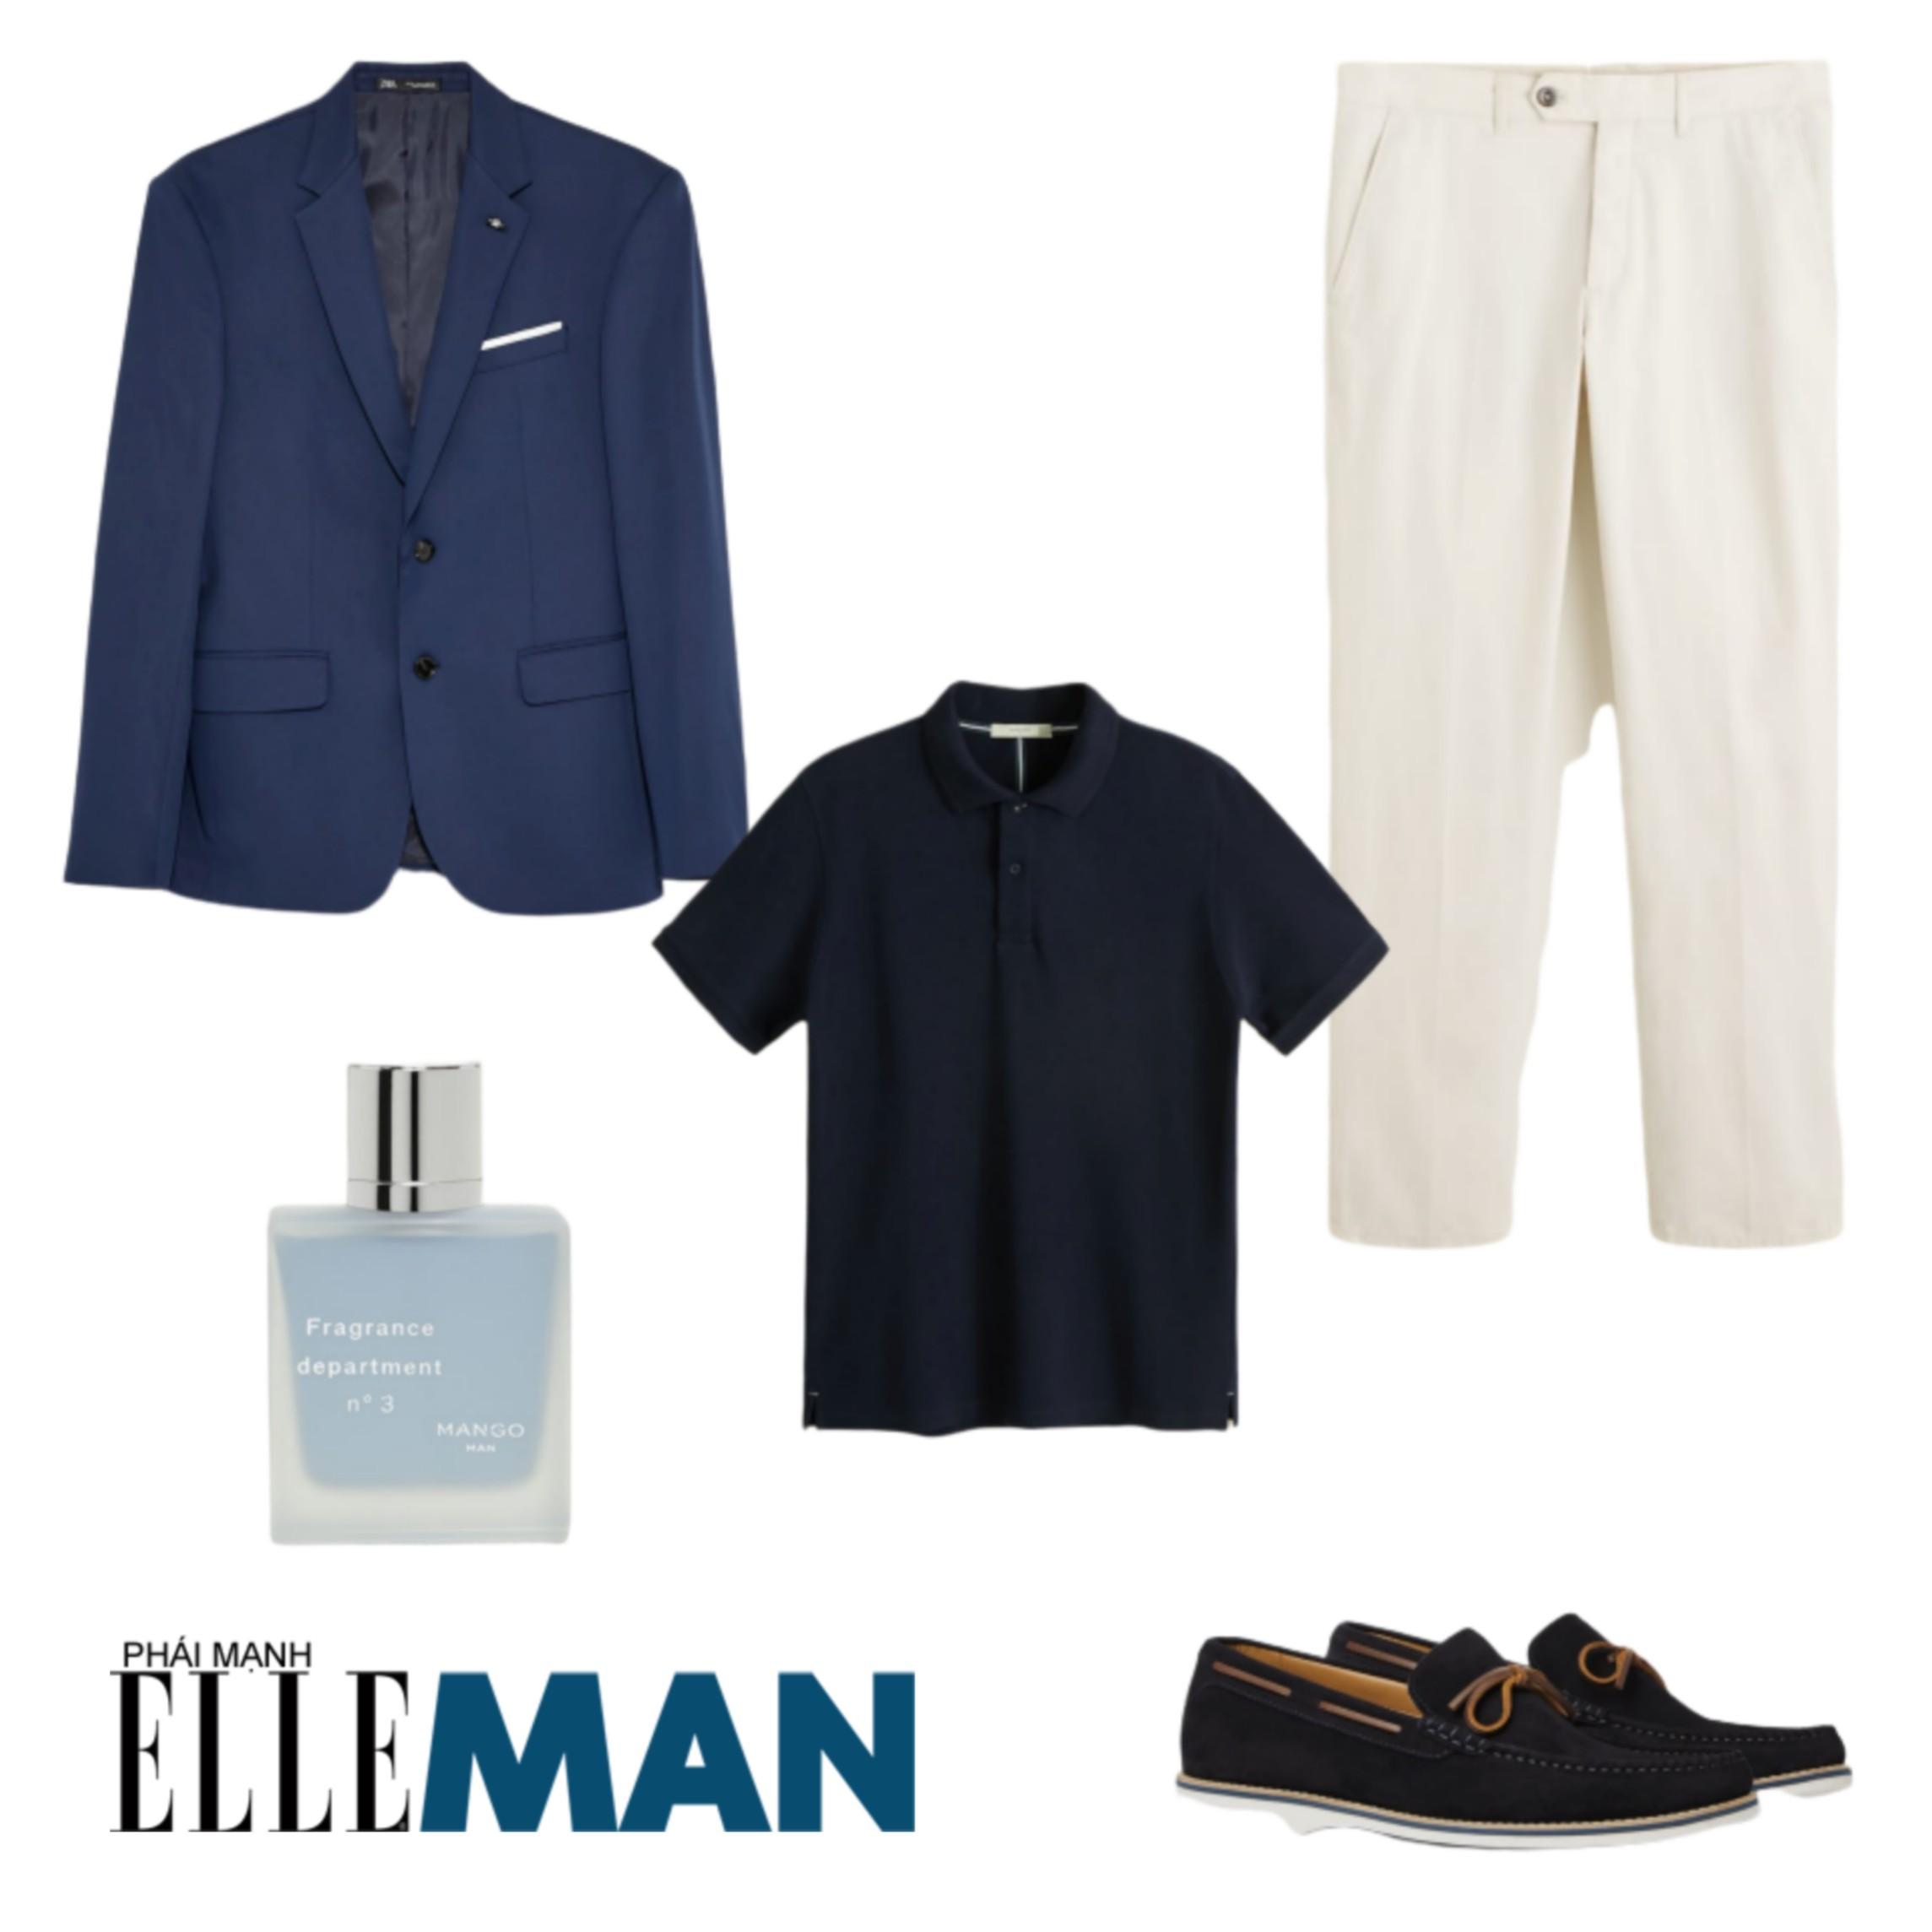 Trang phục đi biển ELLE Man gợi ý trang phục cho buổi tối lãng mạn